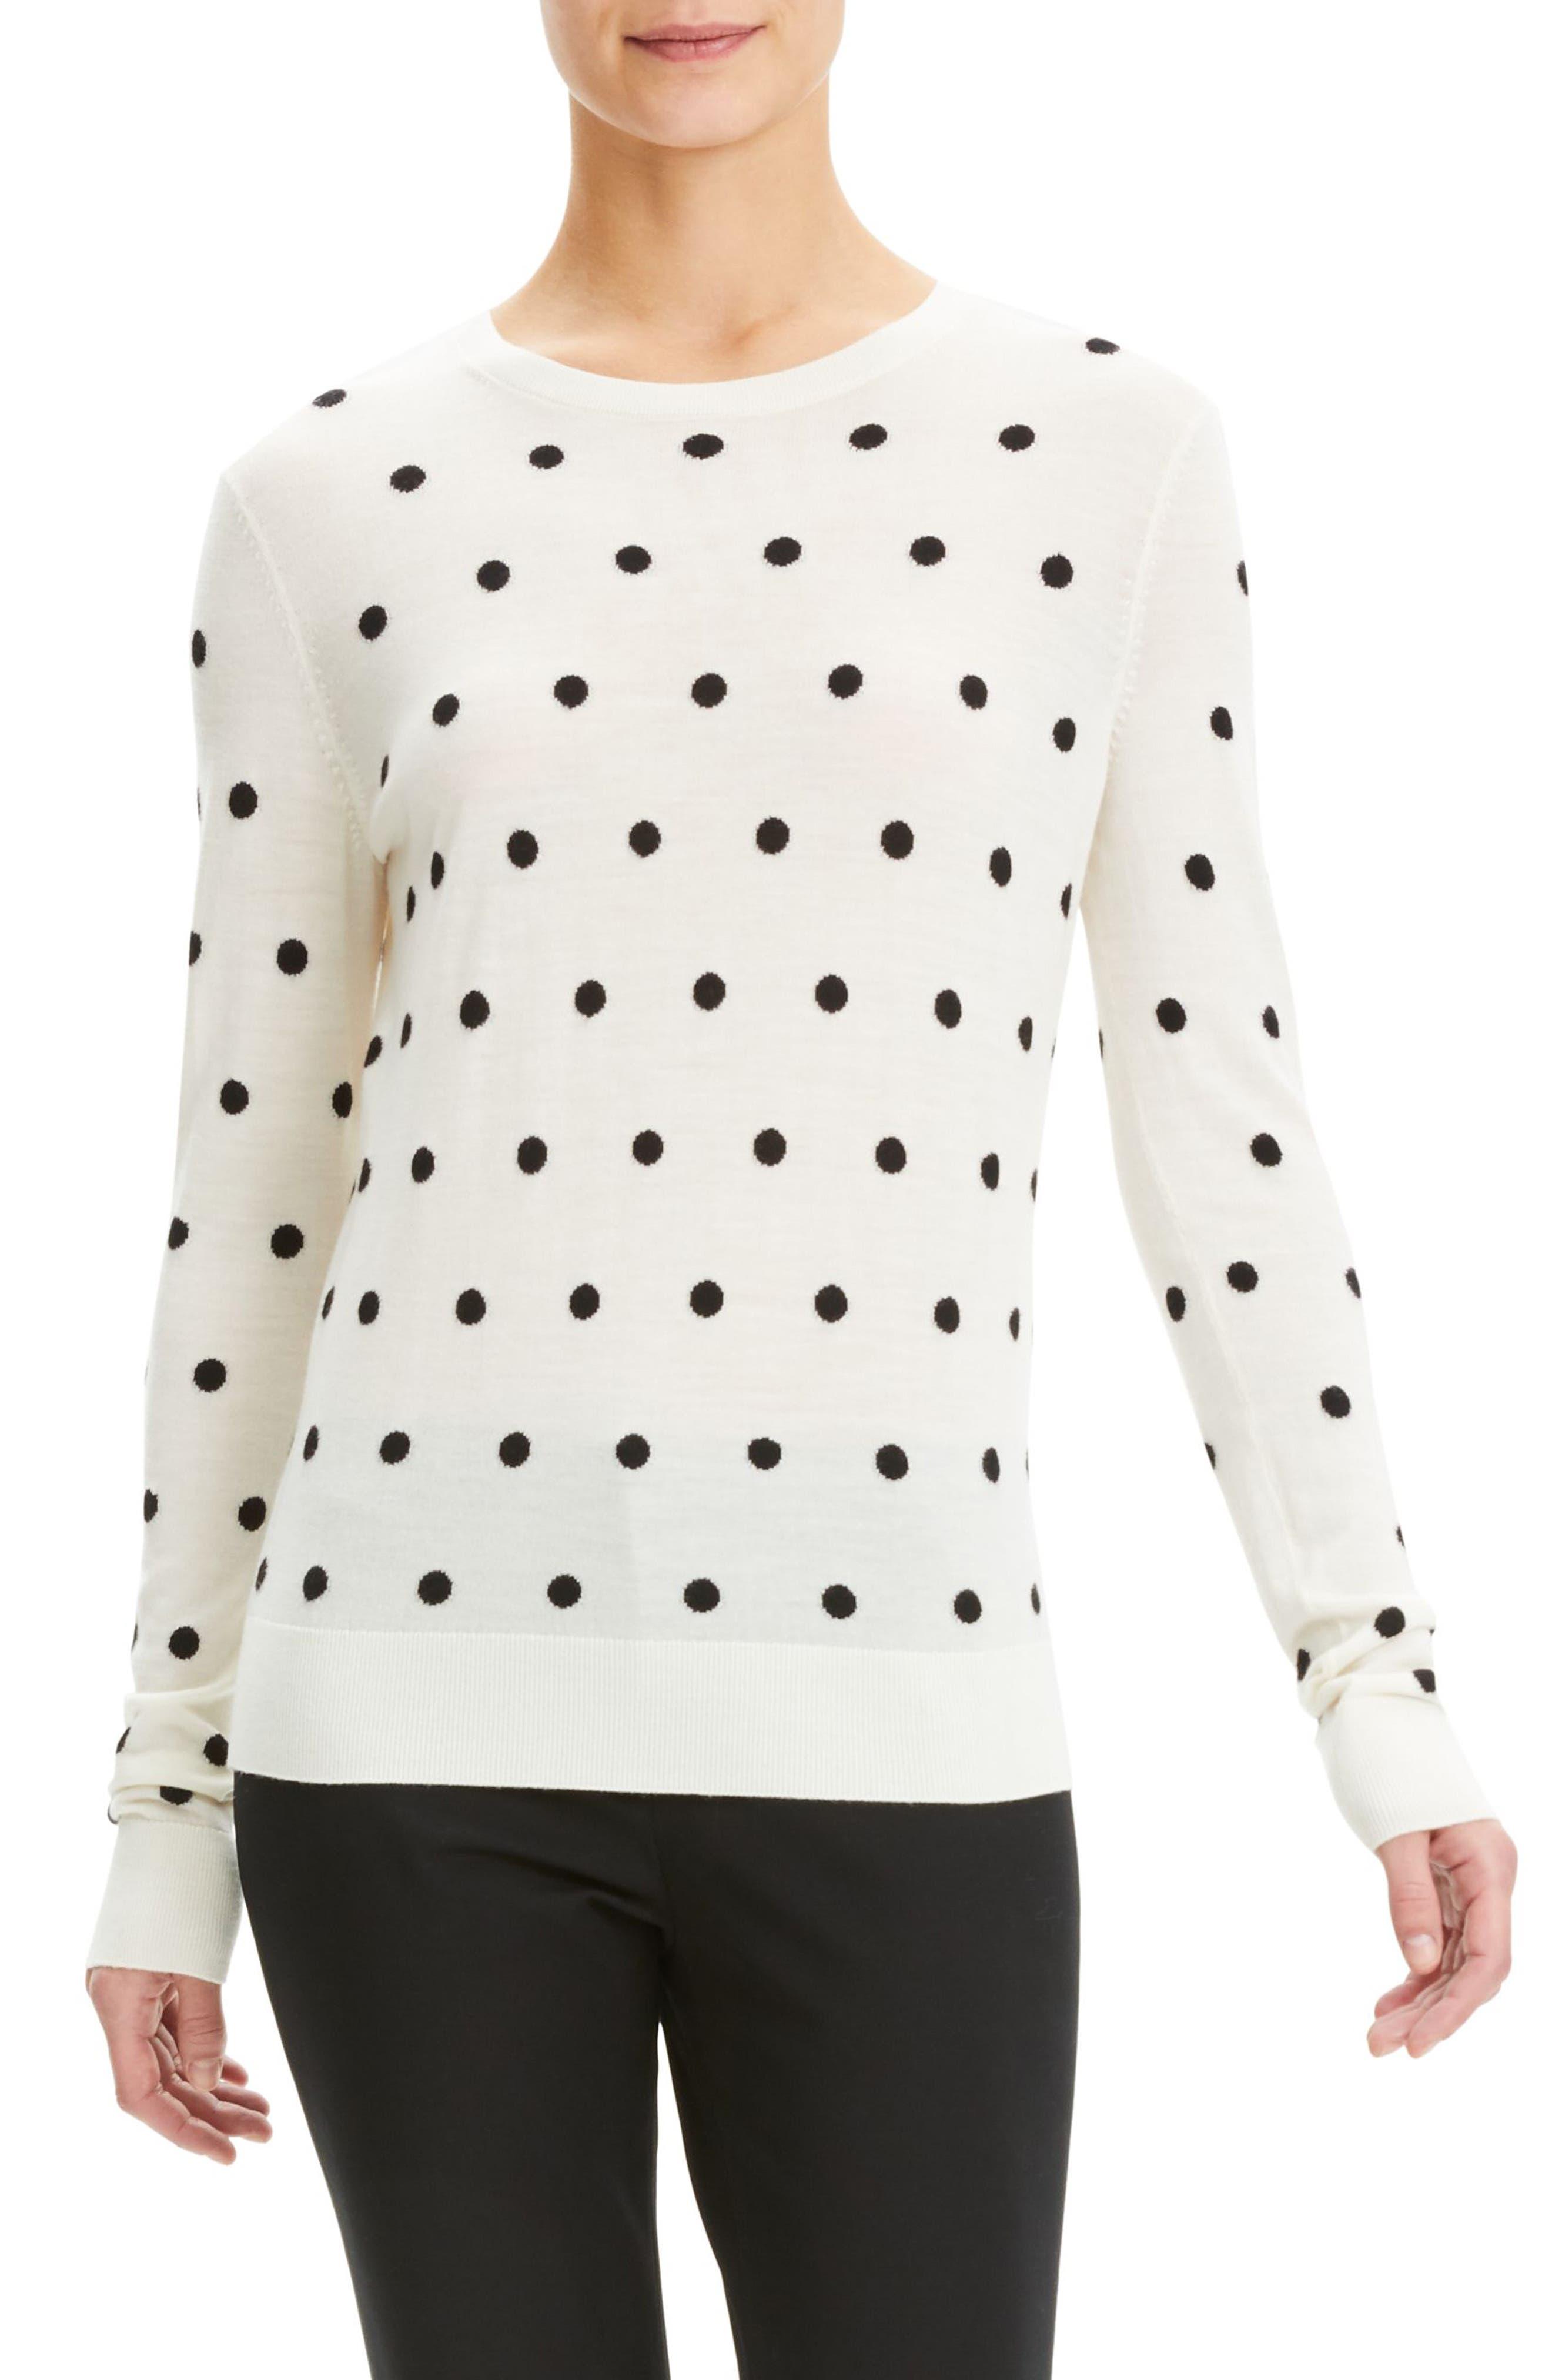 Theory Polka Dot Merino Wool Sweater, Size Petite - Ivory